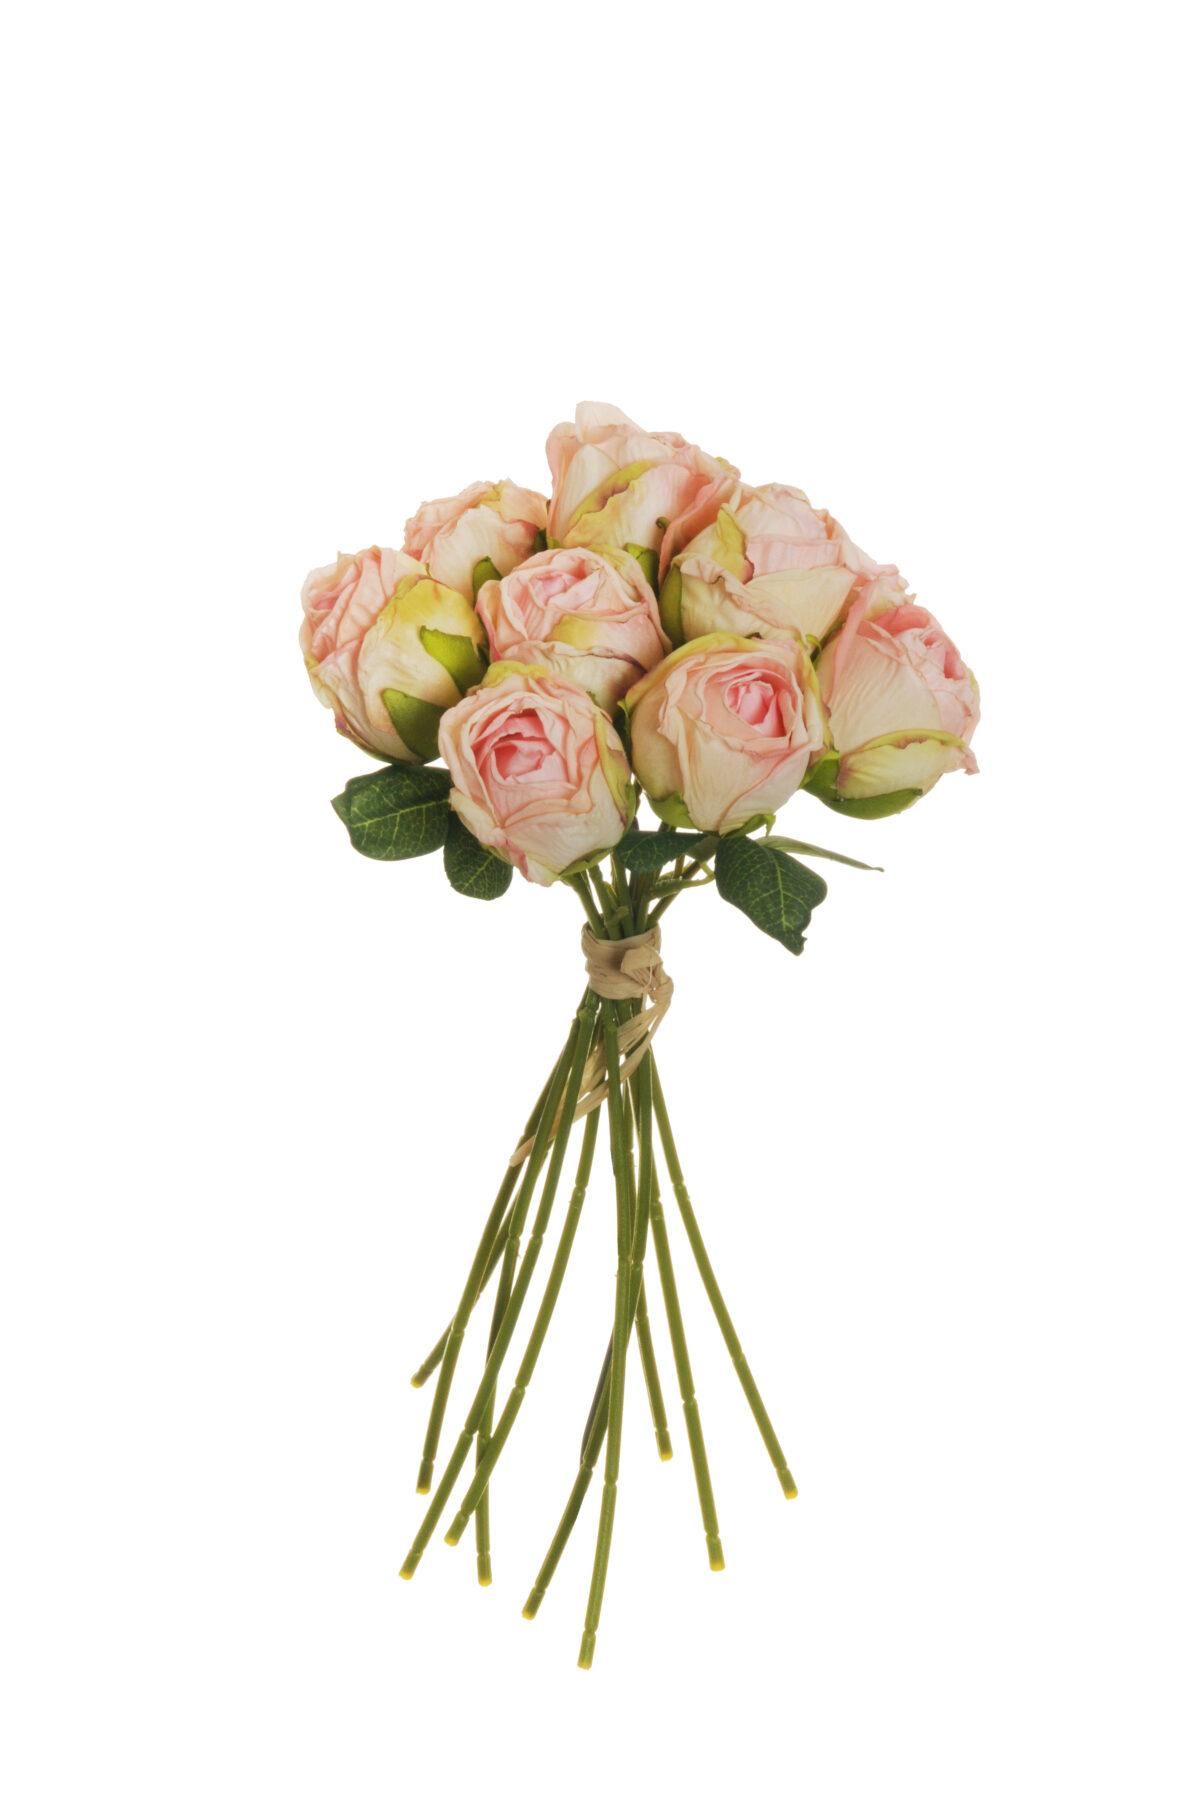 Mazzo di boccioli di rosa artificiale effetto finto secco con 10 fiori rosa chiaro e verdi h. 26 cm